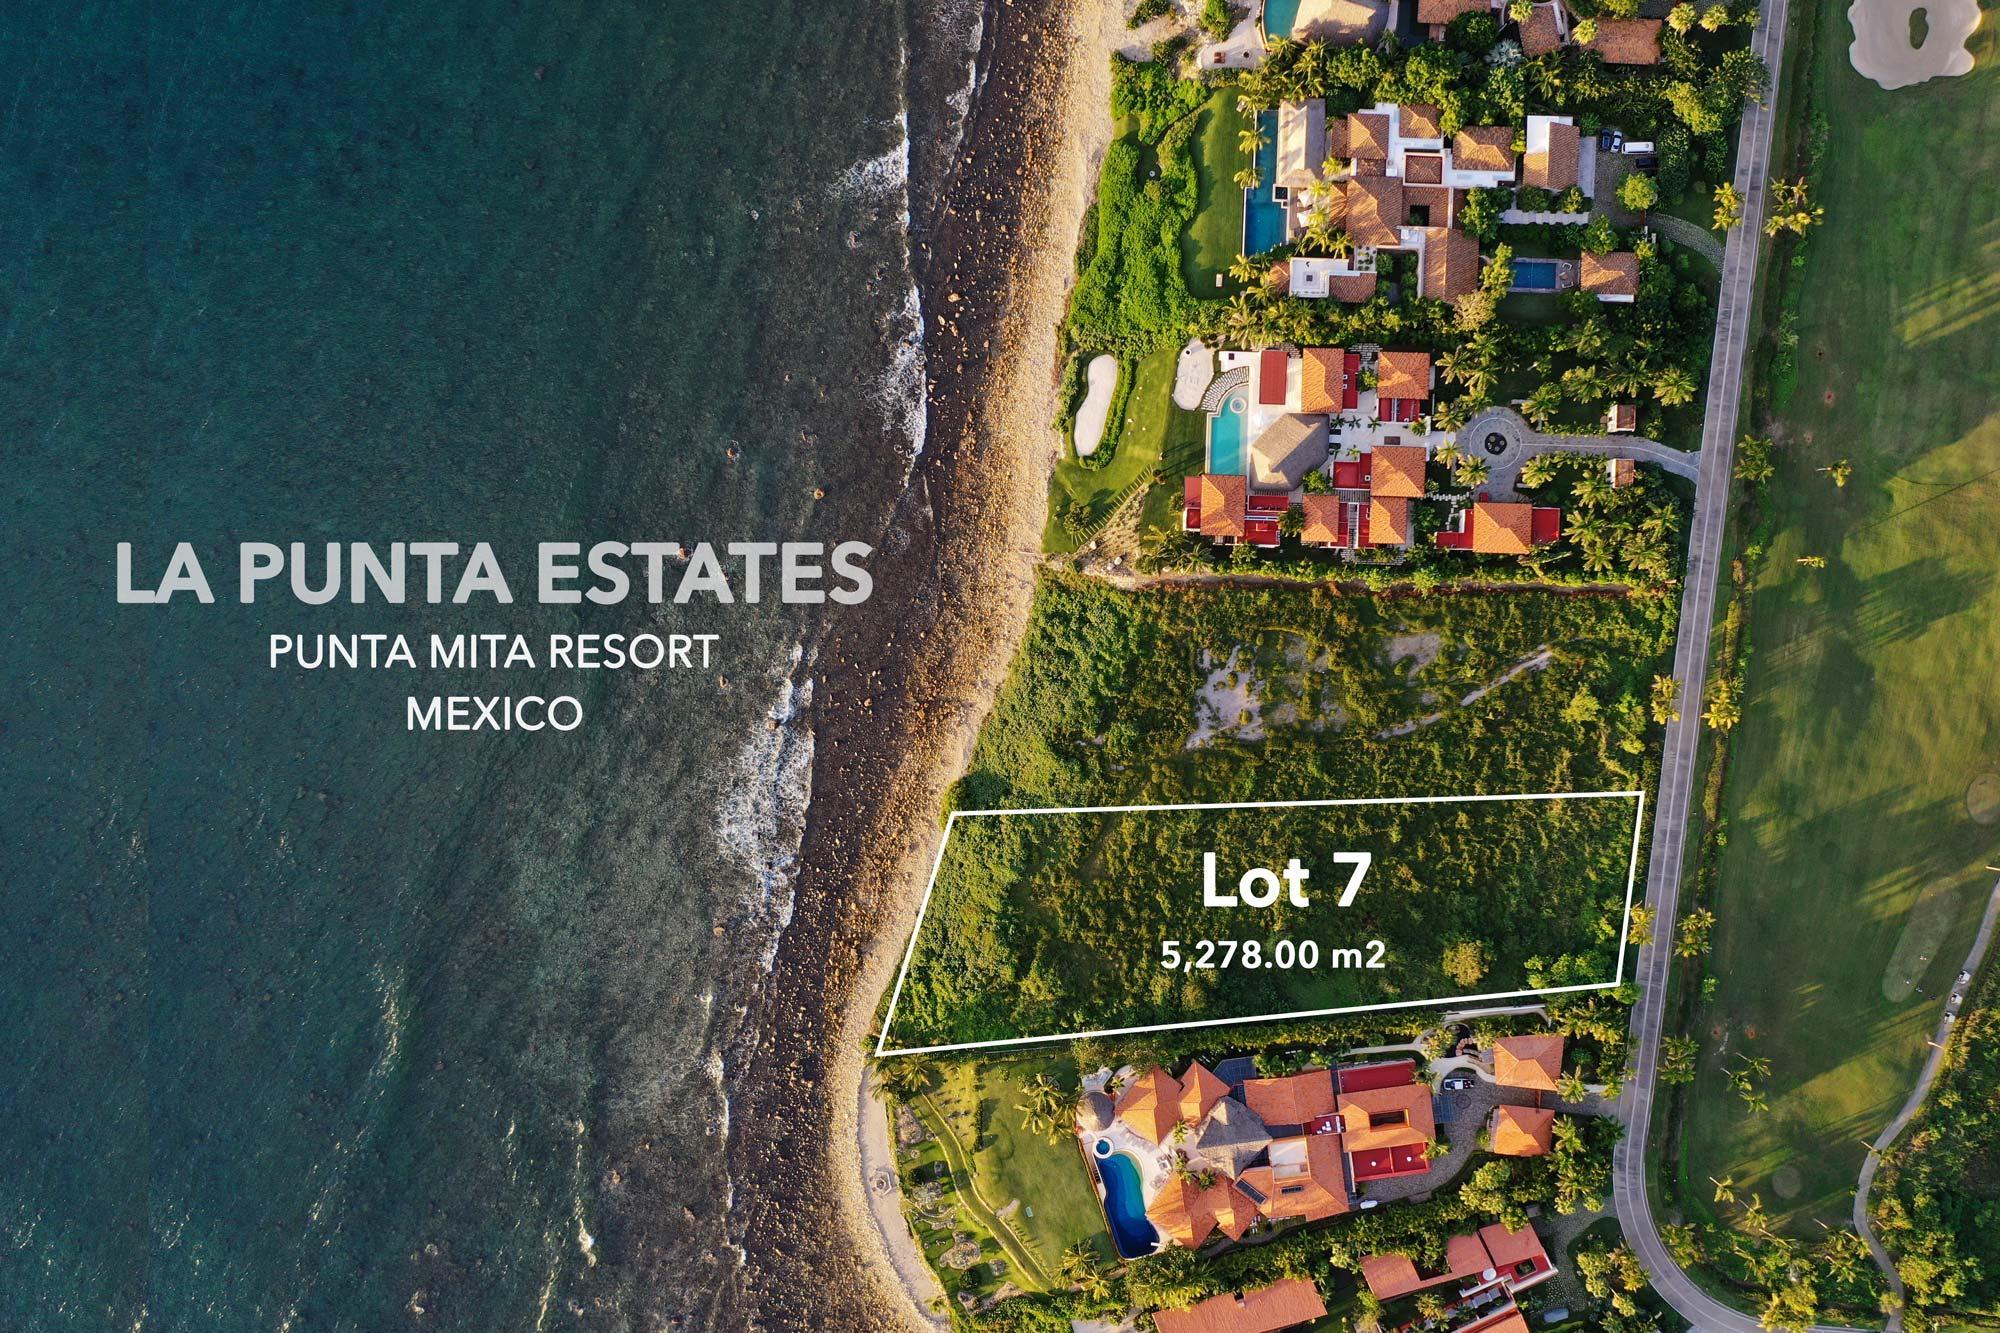 Punta Mita Resort, ,Land,For Sale,LA PUNTA ESTATES,14285